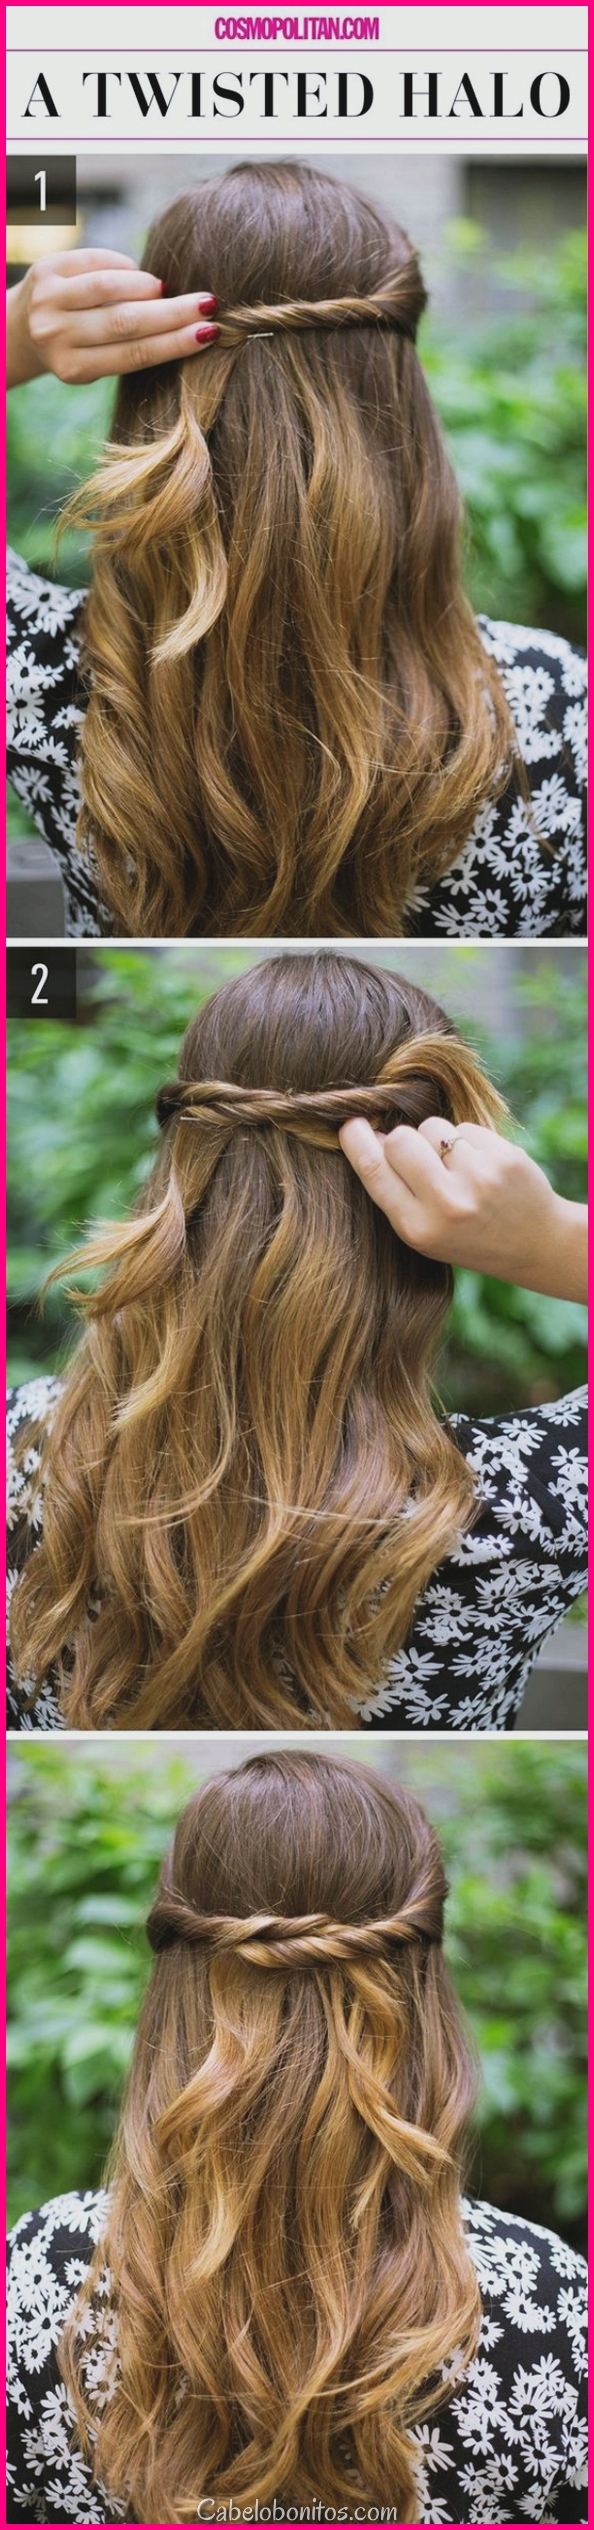 25 penteados absolutamente novos e fáceis de testar em 2018 (antes de qualquer um)